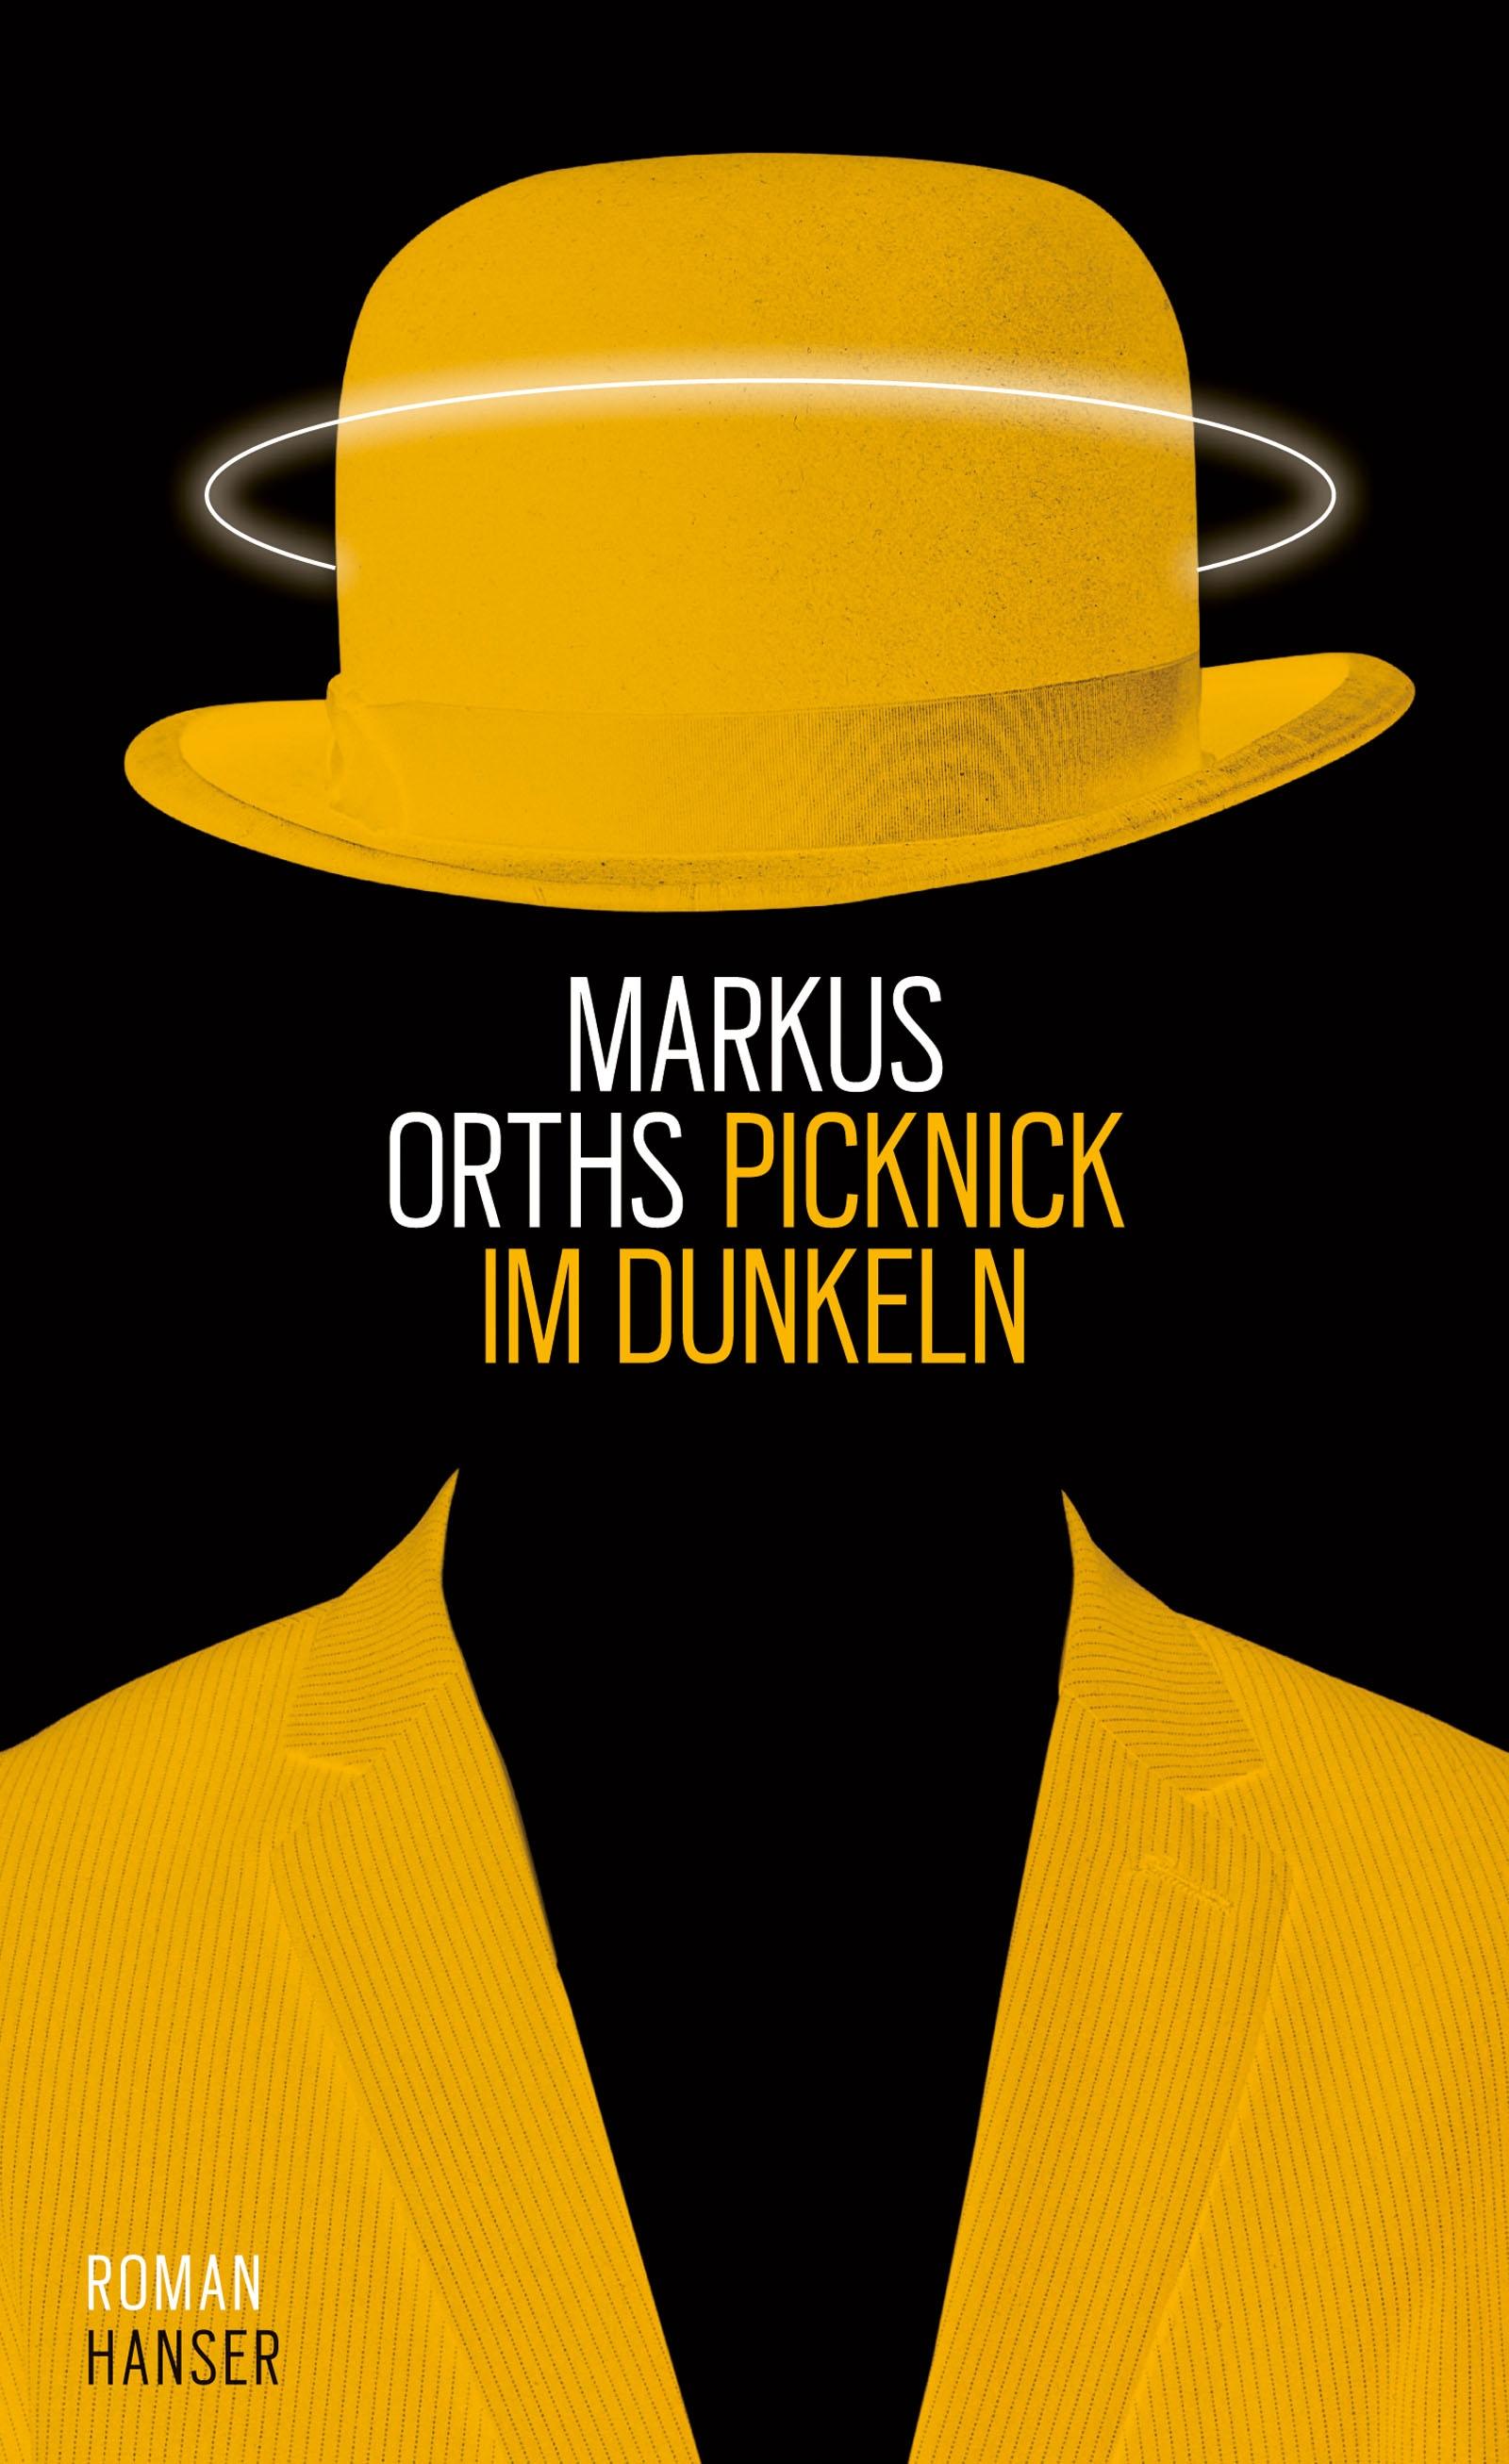 https://www.hanser-literaturverlage.de/buch/picknick-im-dunkeln/978-3-446-26570-7/